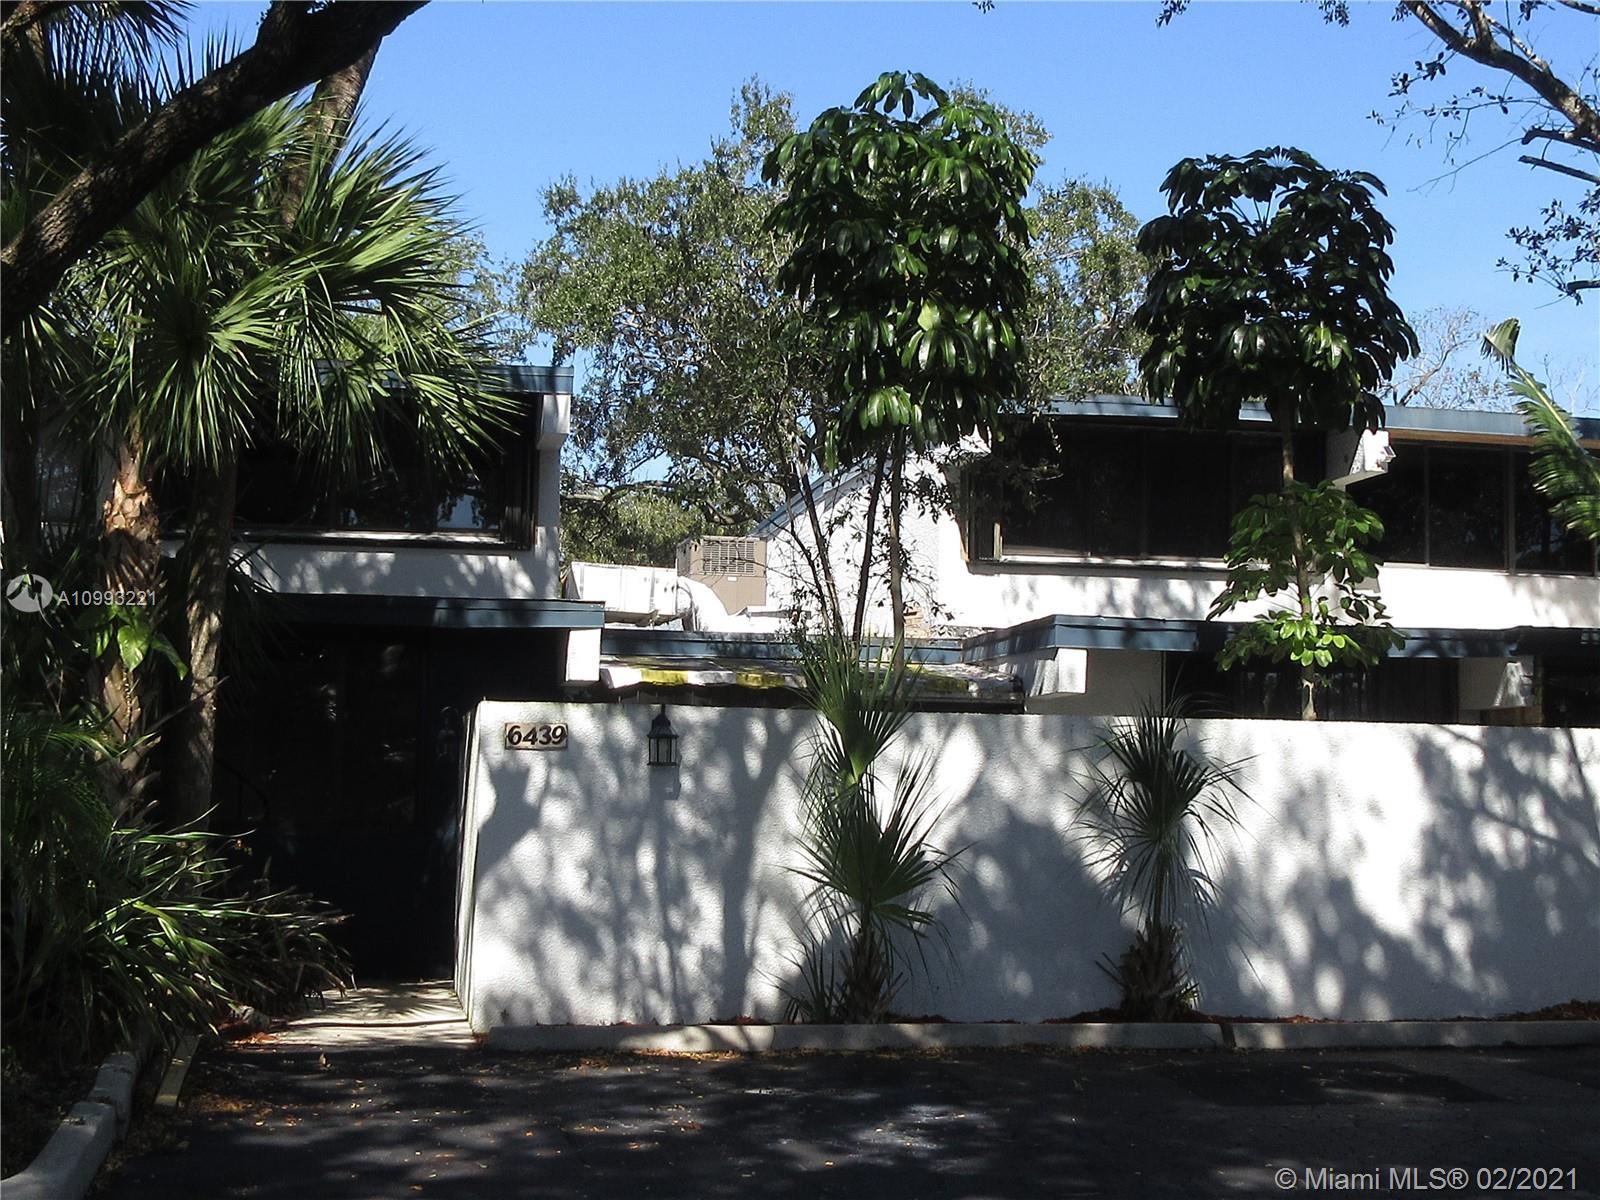 Miami Lakes #6439 - 01 - photo